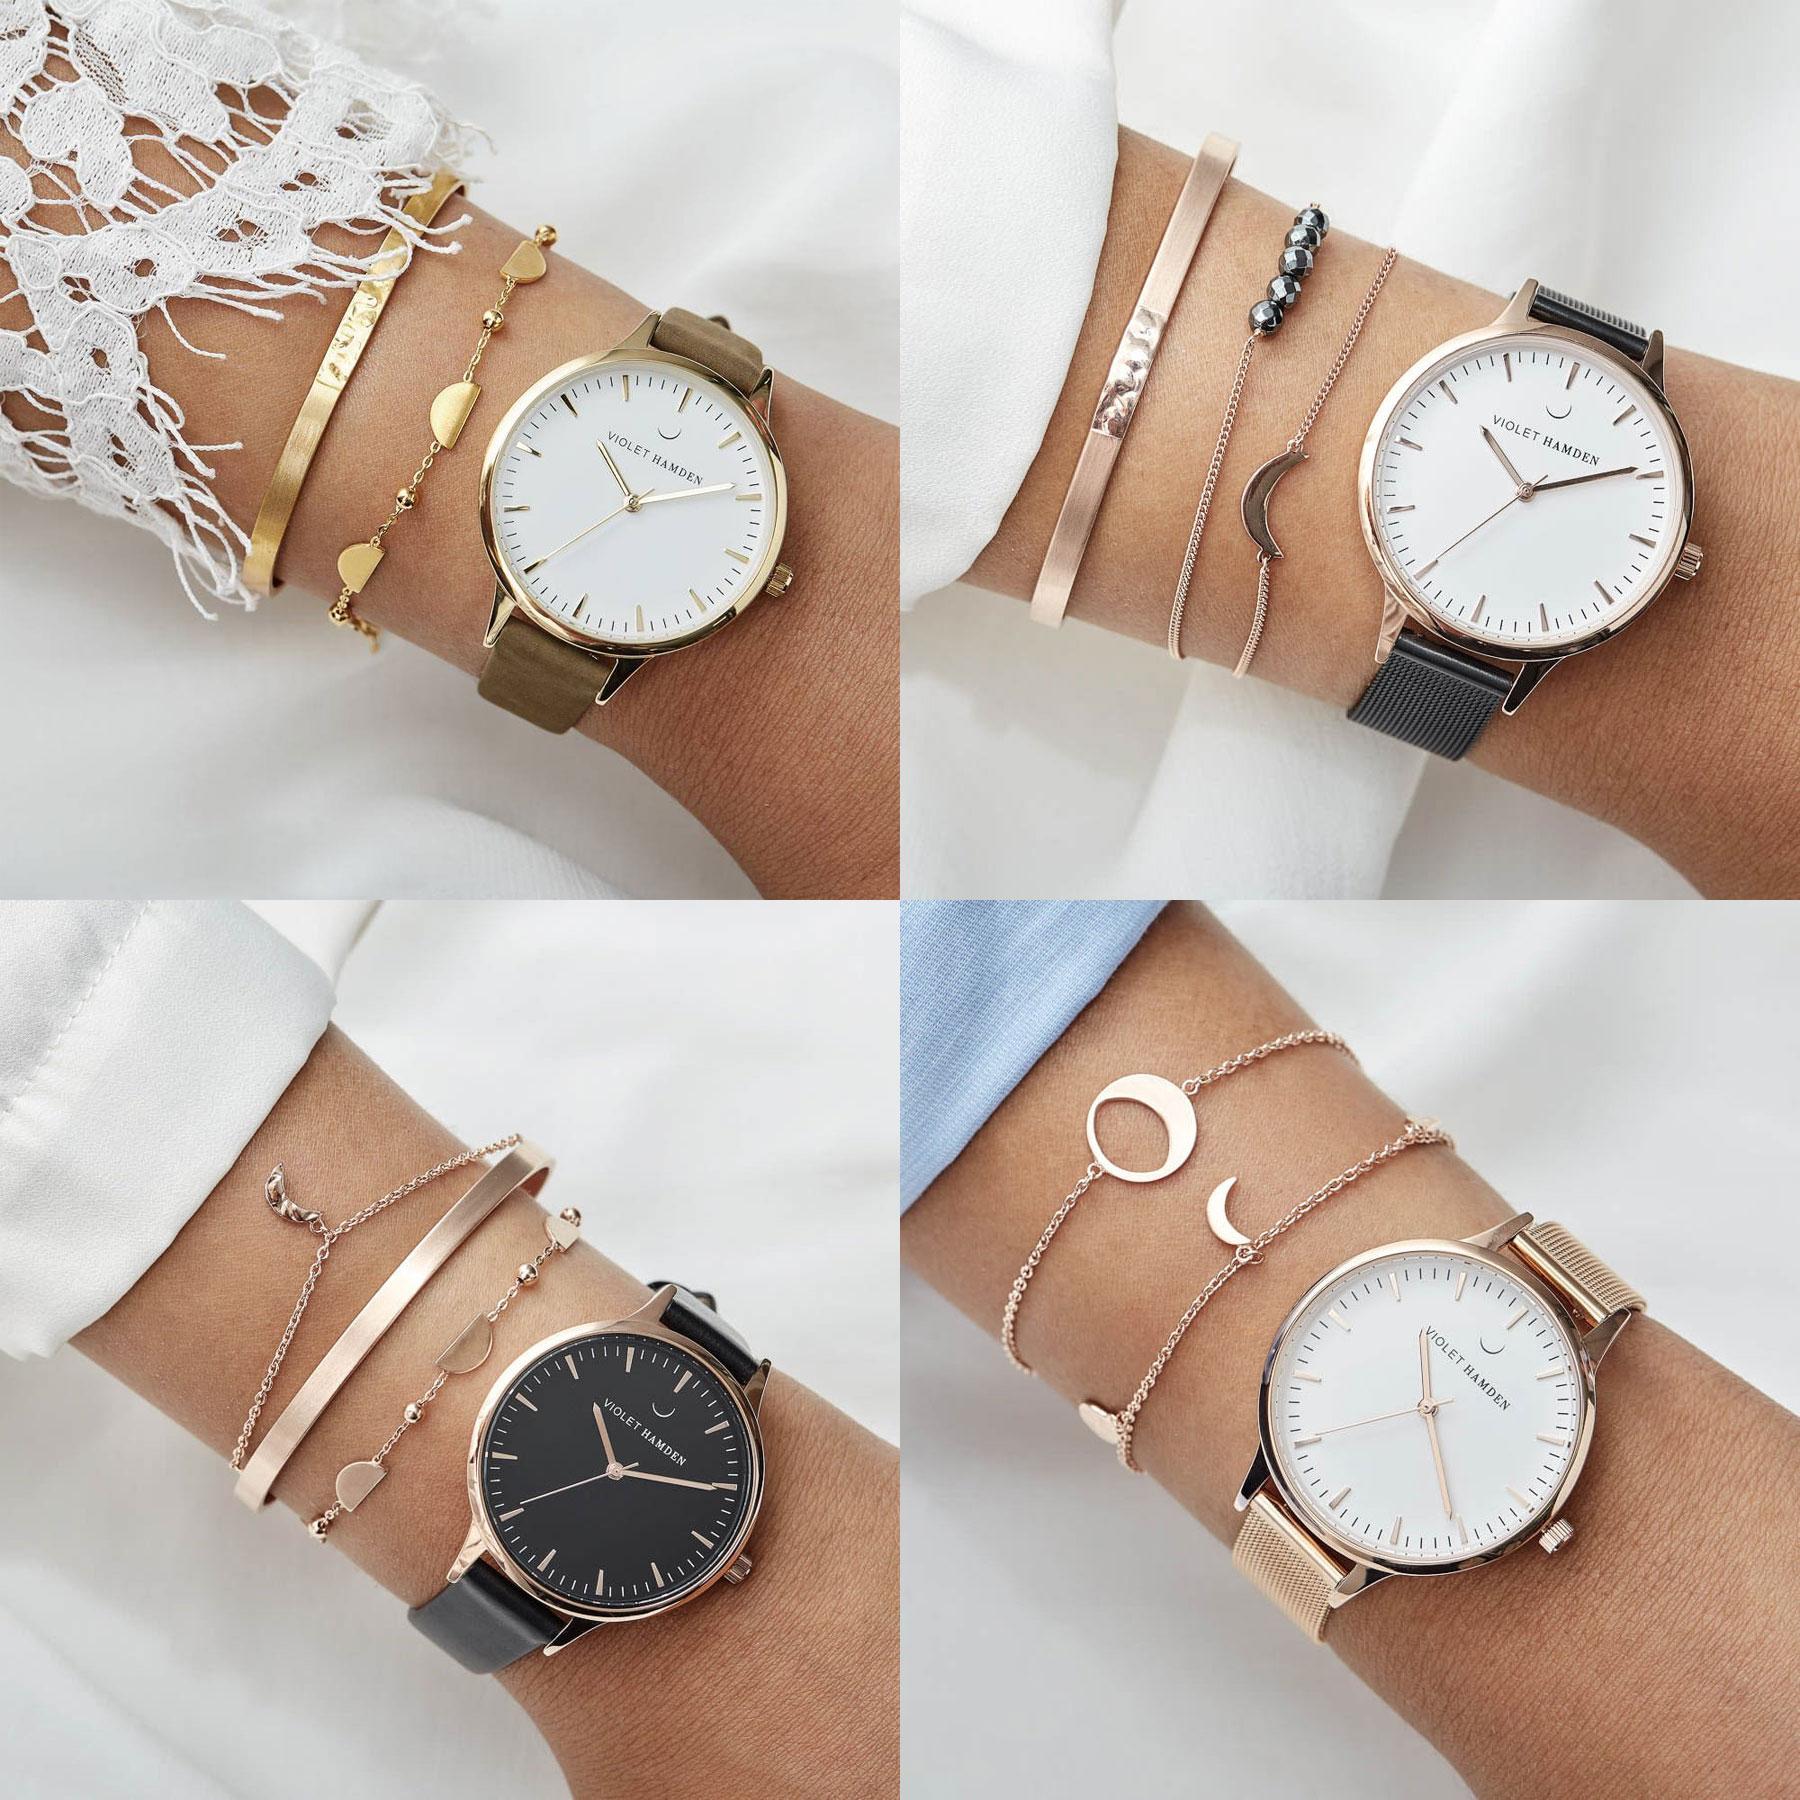 Horloges van Violet Hamden 60-70% korting @ Brandfield